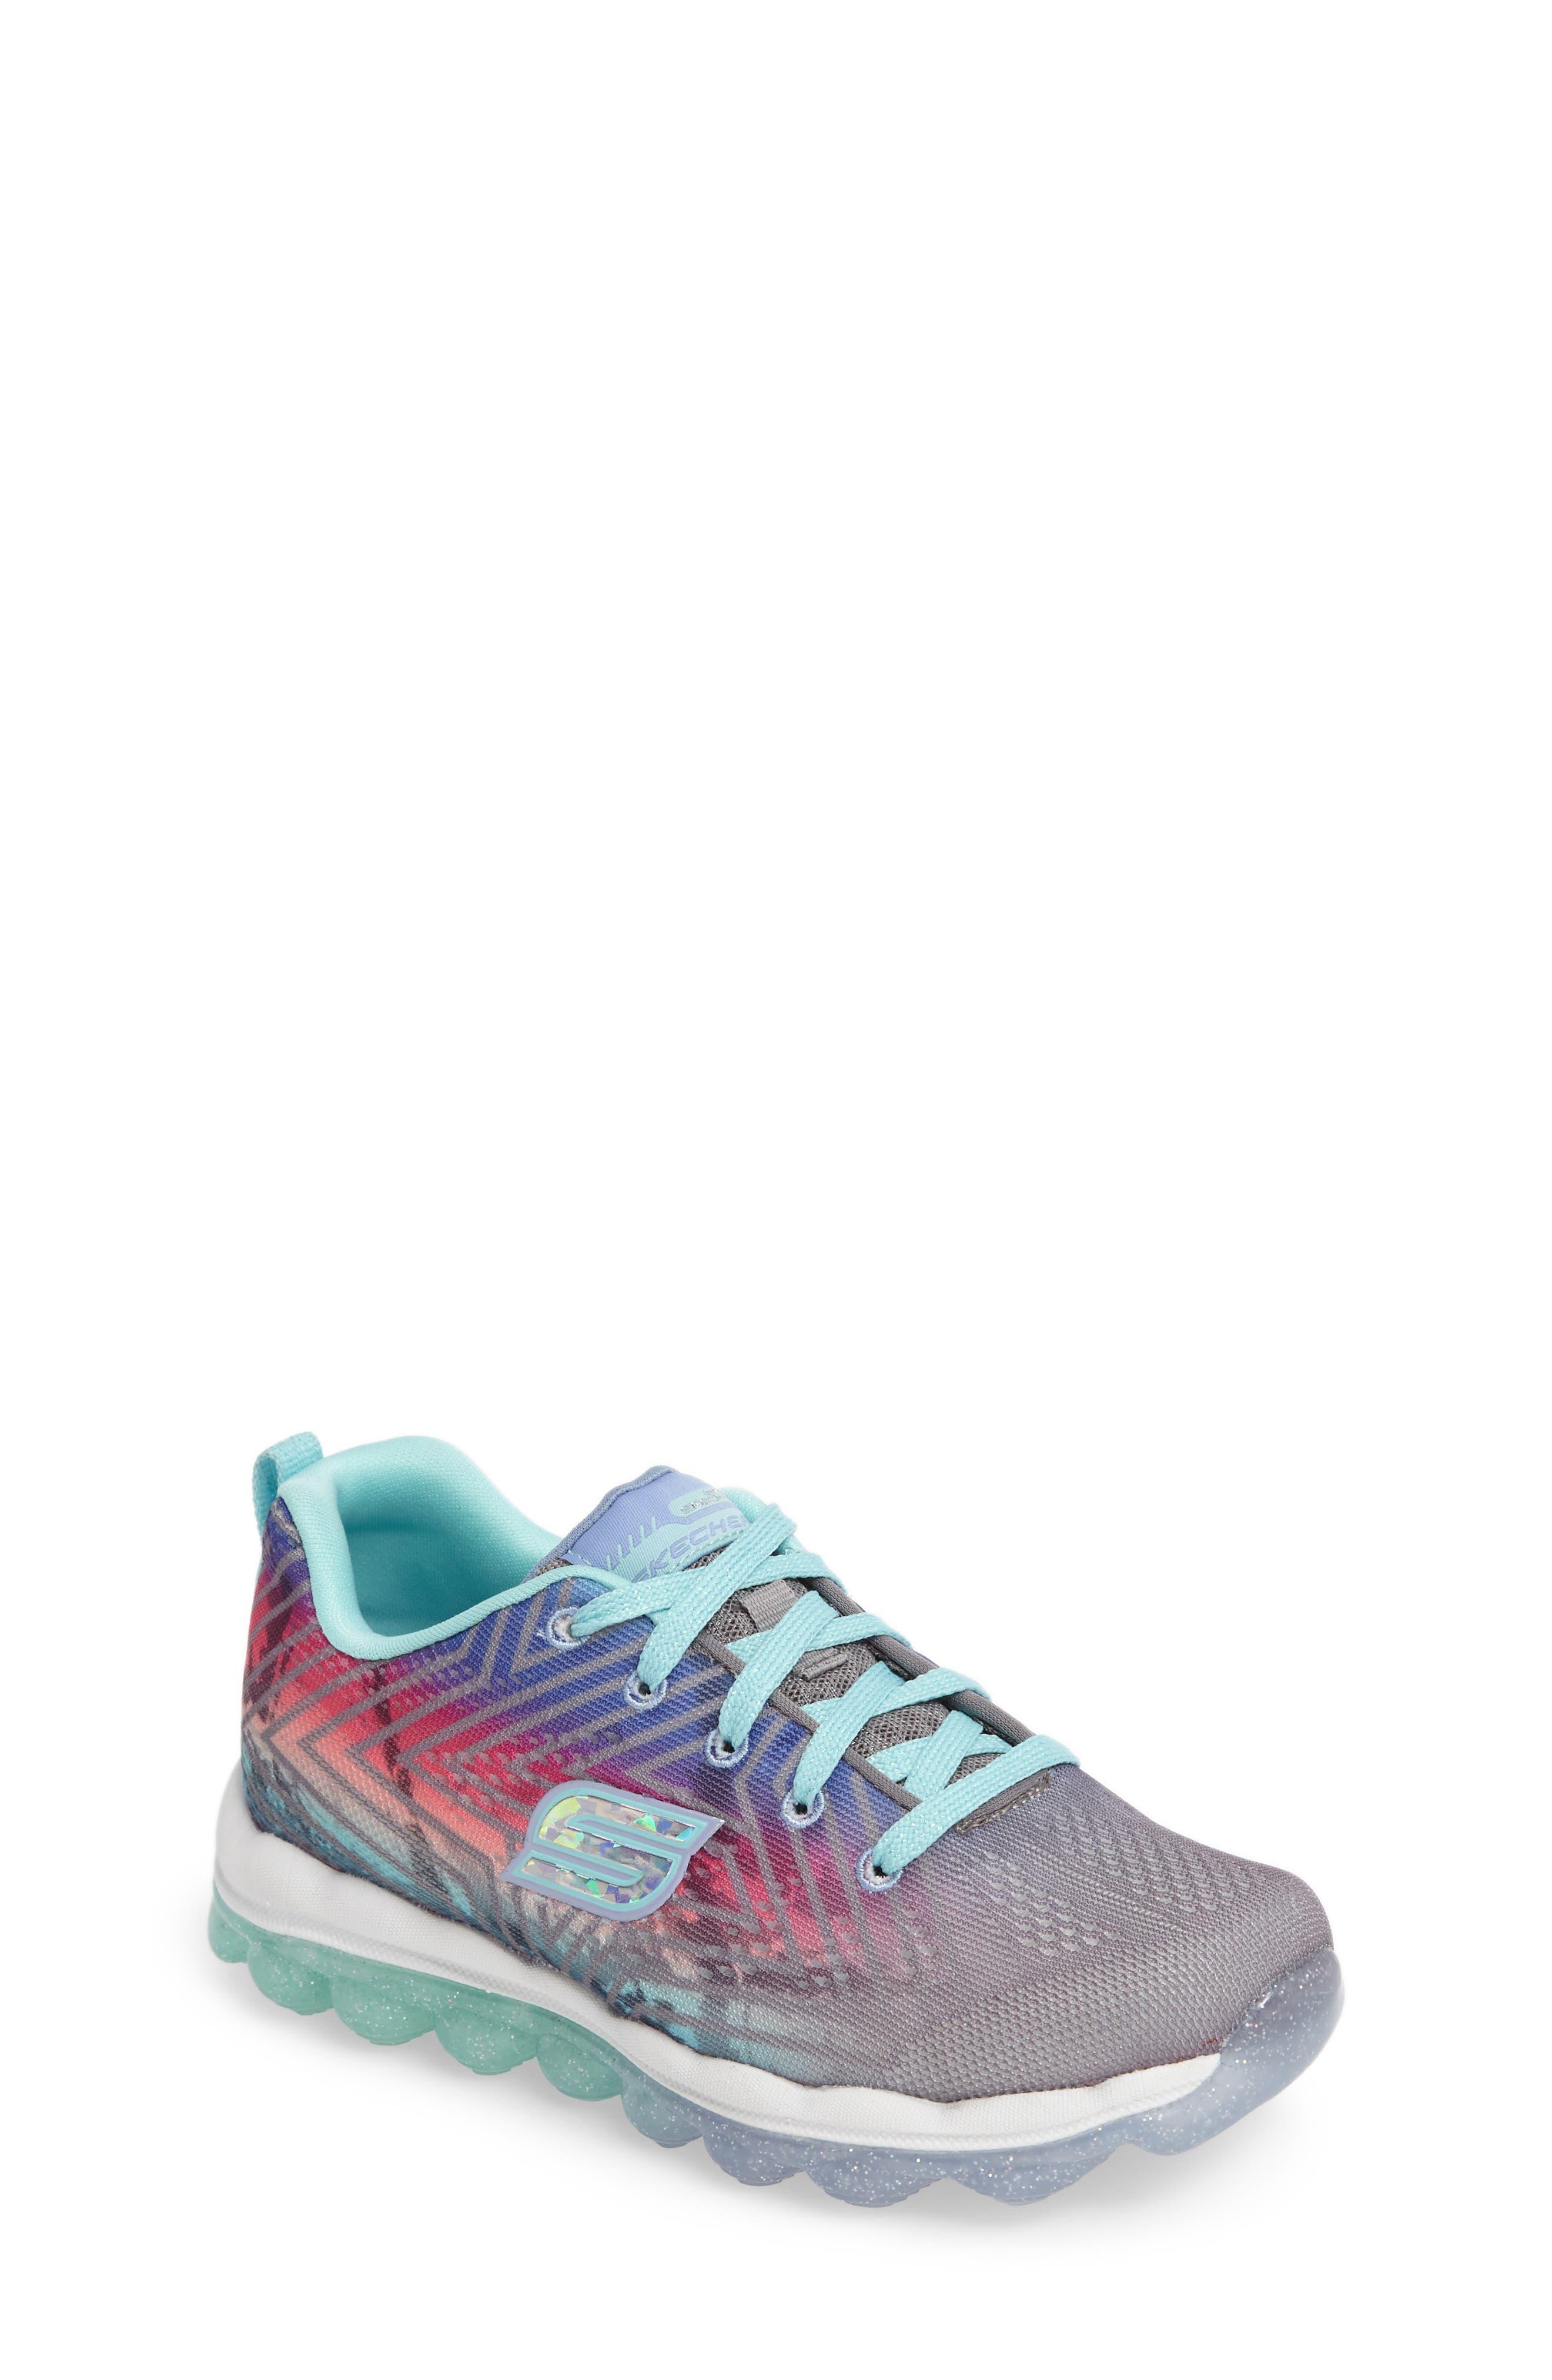 Skech-Air Jump Around Sneaker,                             Main thumbnail 1, color,                             Grey/ Multi